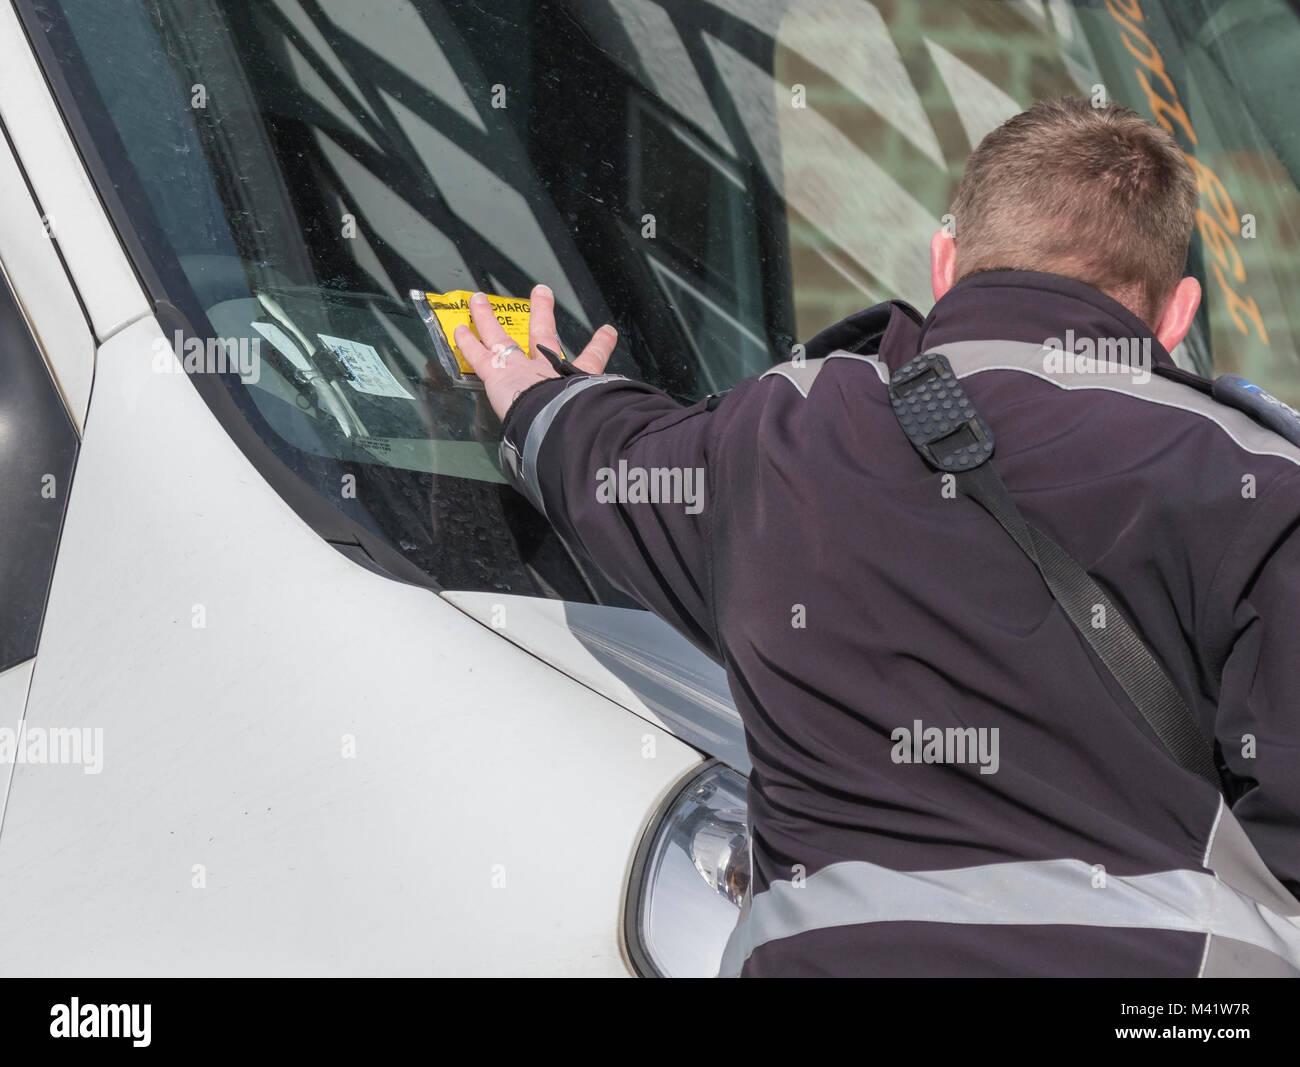 Parking warden poniendo un ticket de aparcamiento pena aviso en una ventana de coche en Inglaterra, Reino Unido. Imagen De Stock